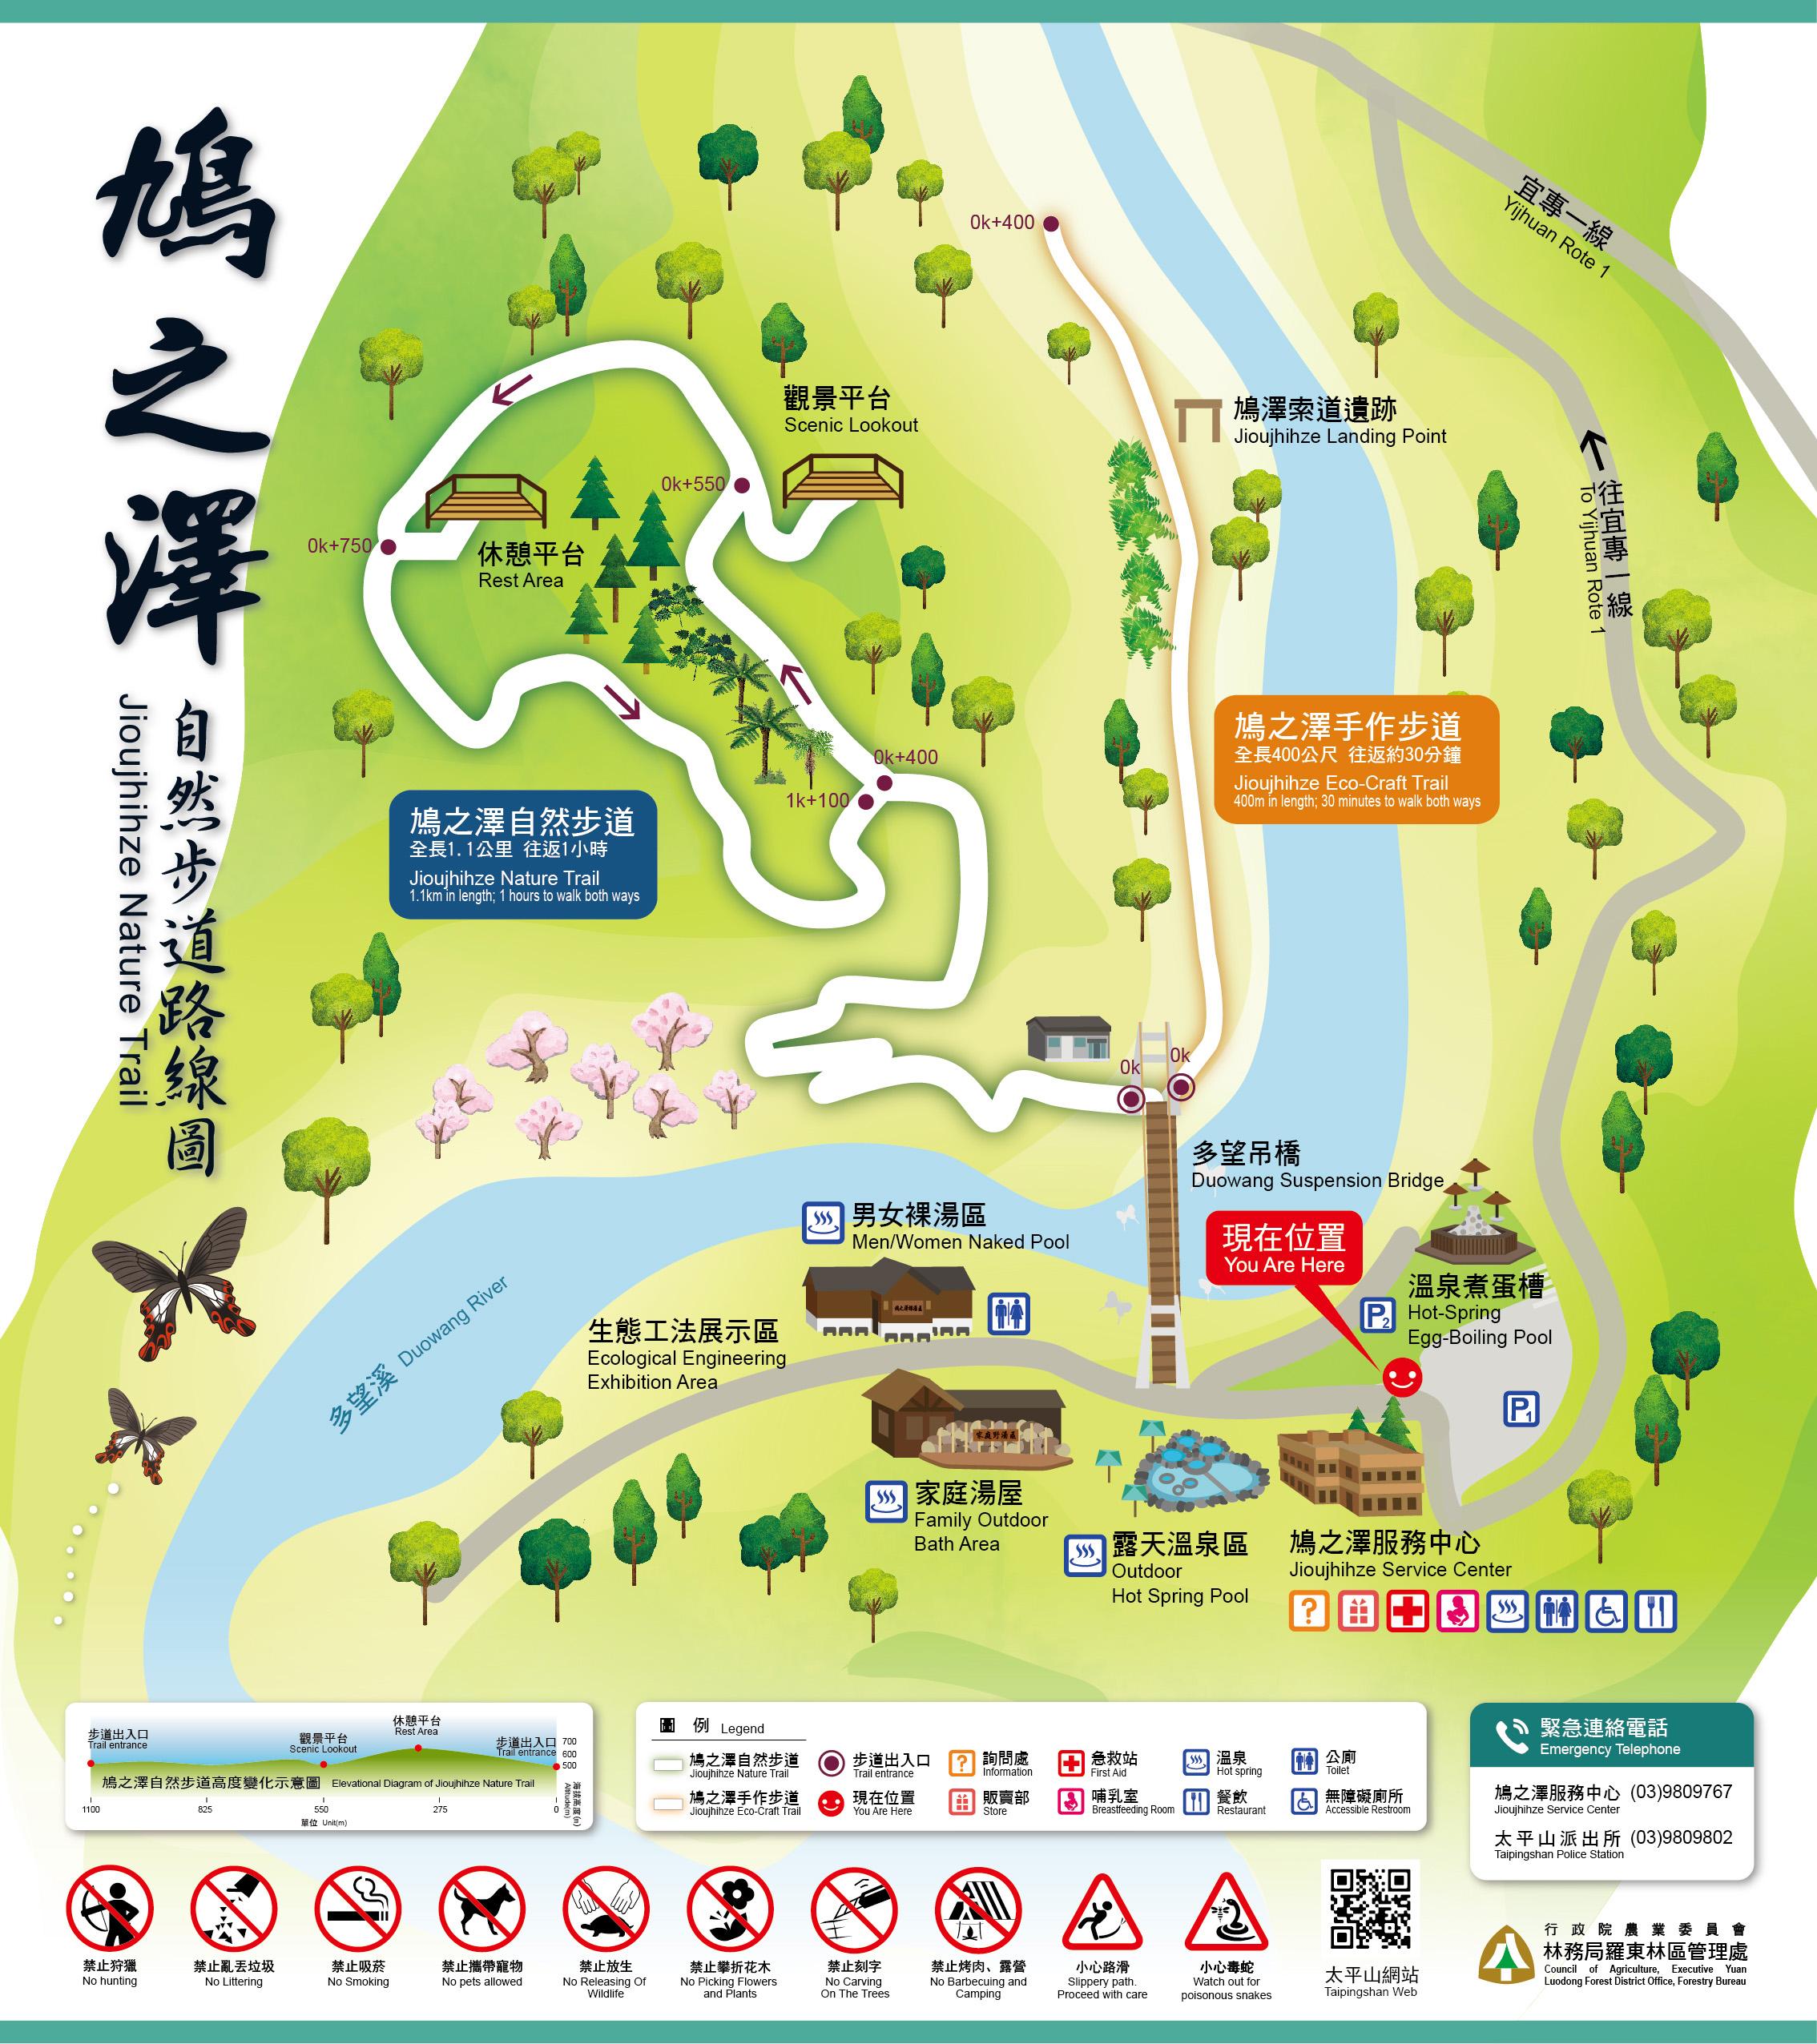 太平山一日遊 走訪雨天也美的見晴懷古步道 泡湯首選鳩之澤溫泉